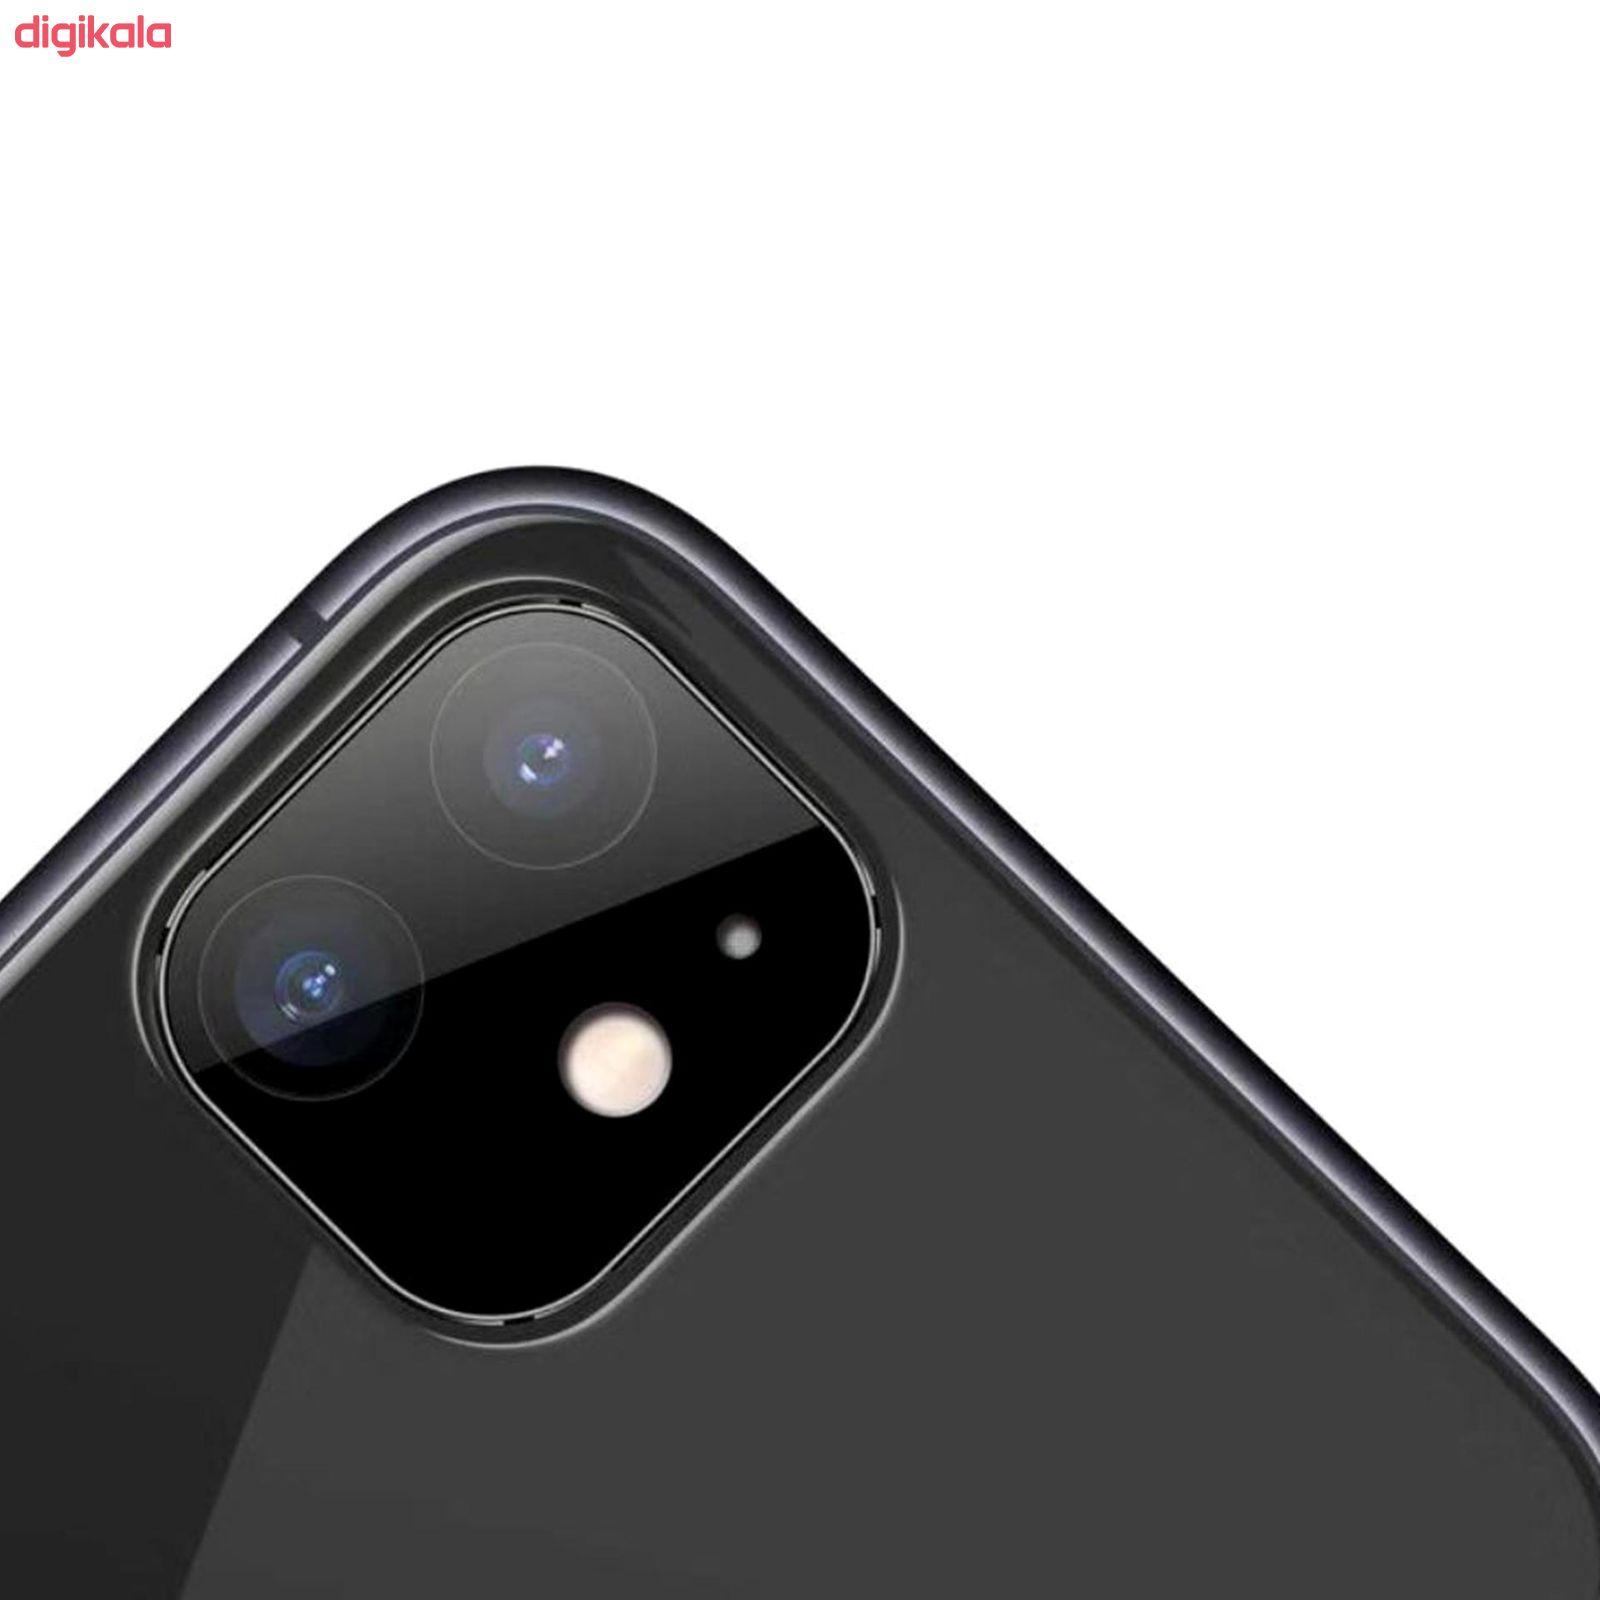 محافظ لنز دوربین راک مدل 3DSLP مناسب برای گوشی موبایل اپل iPhone 11 بسته دو عددی main 1 4